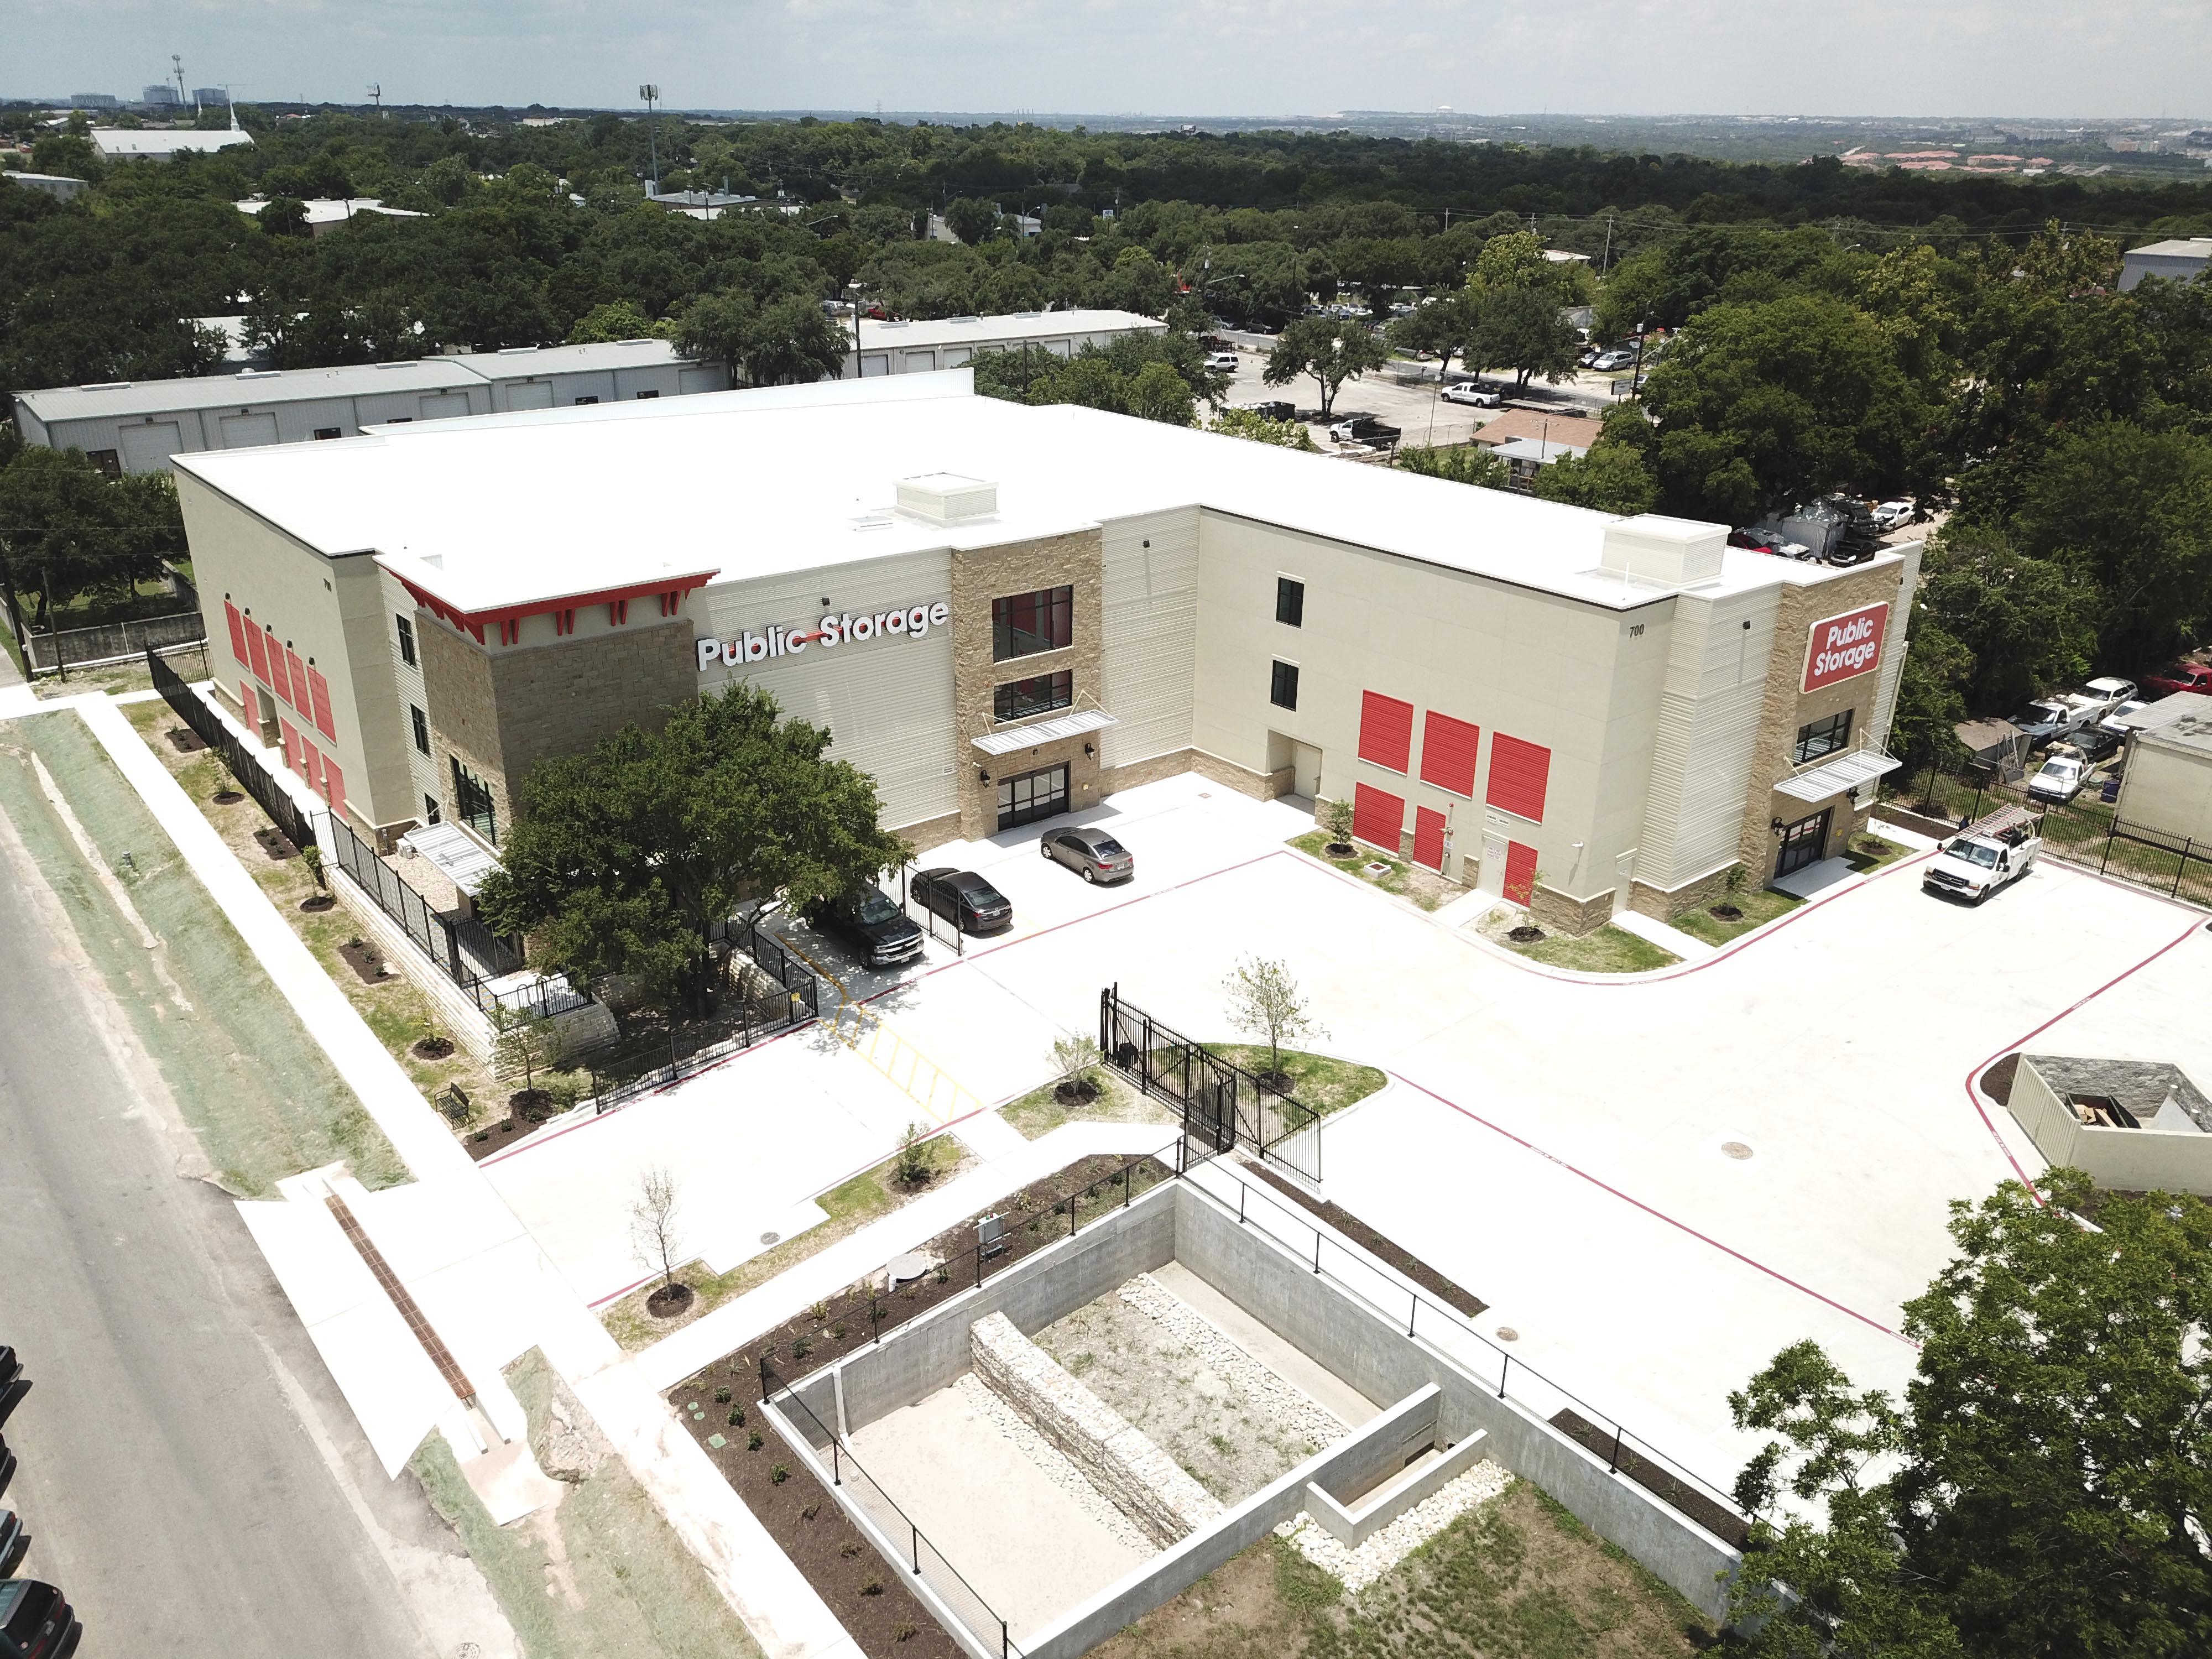 Public Storage Nort Austin